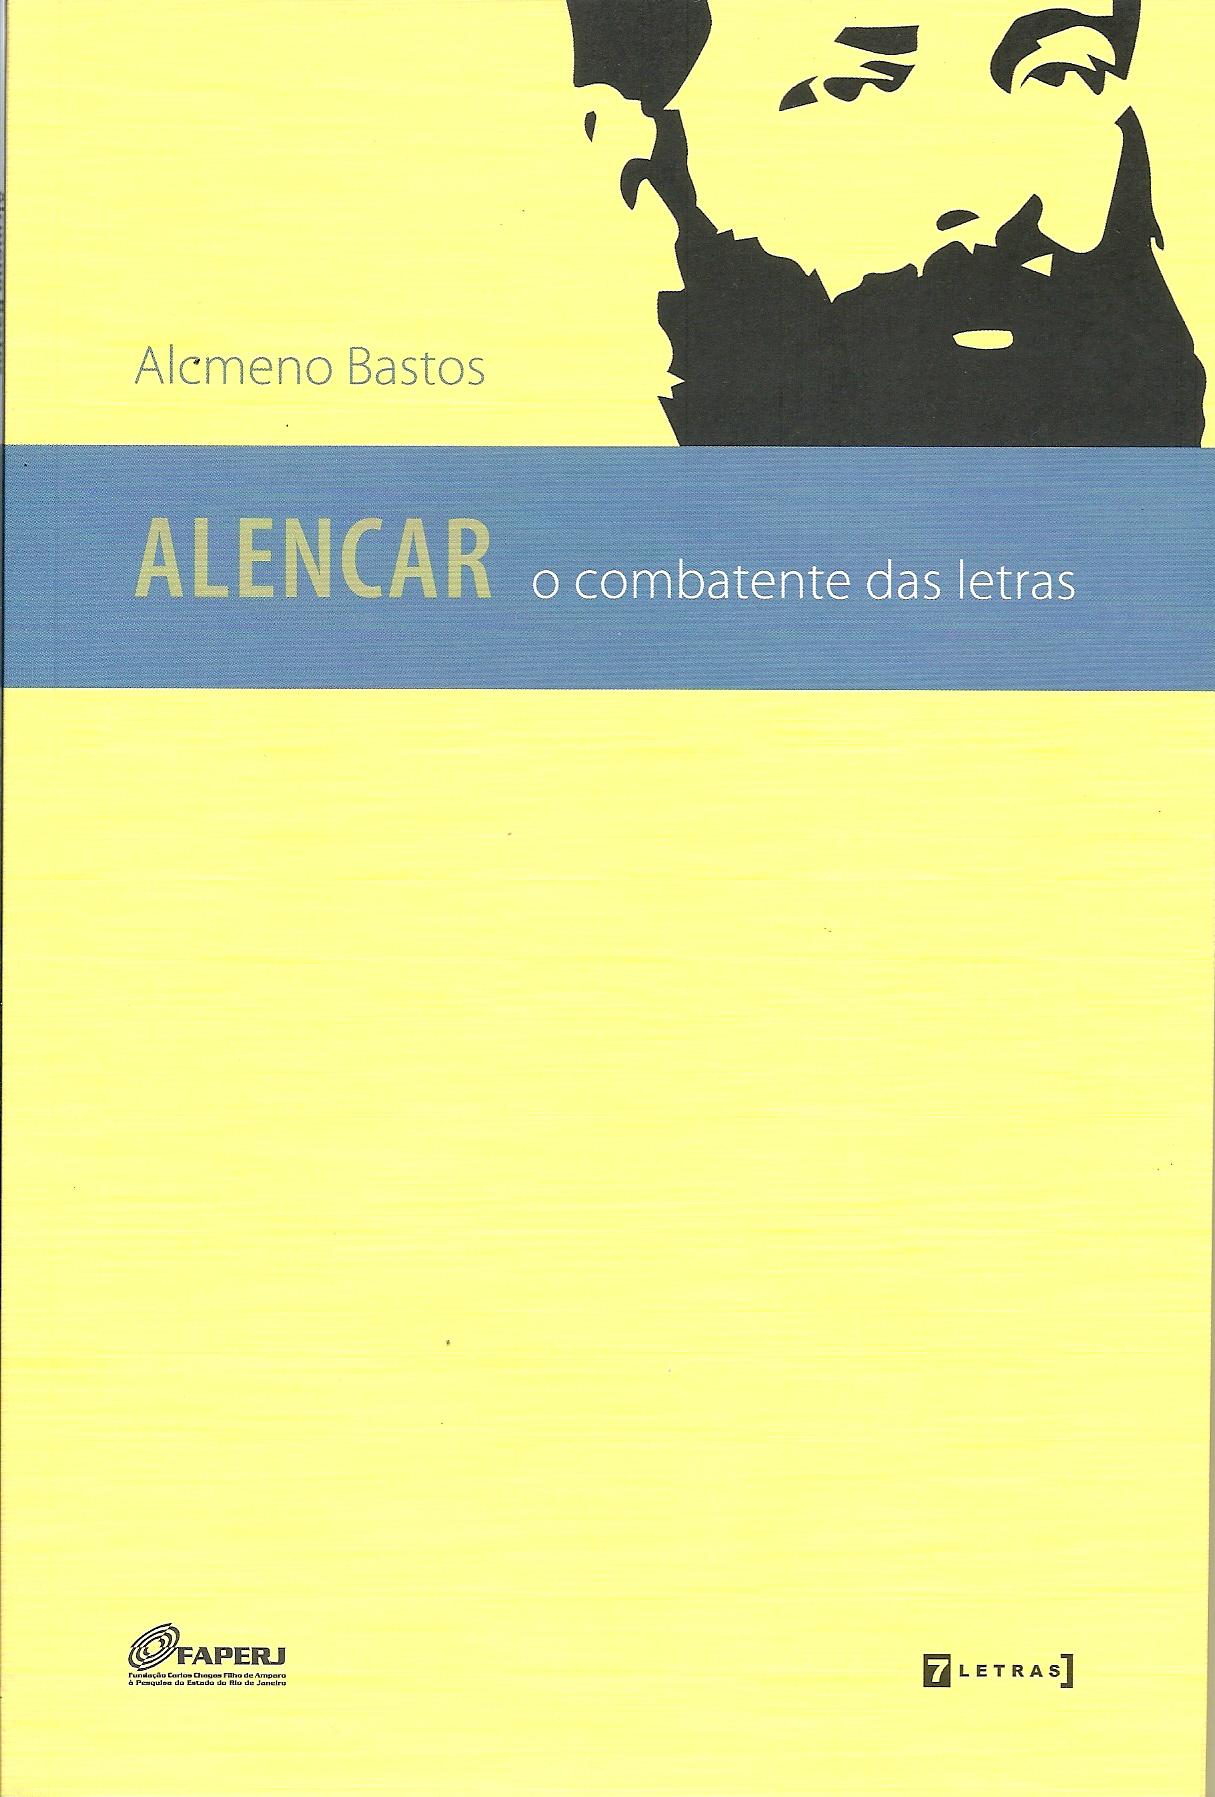 Alencar, o combatente das letras - capa